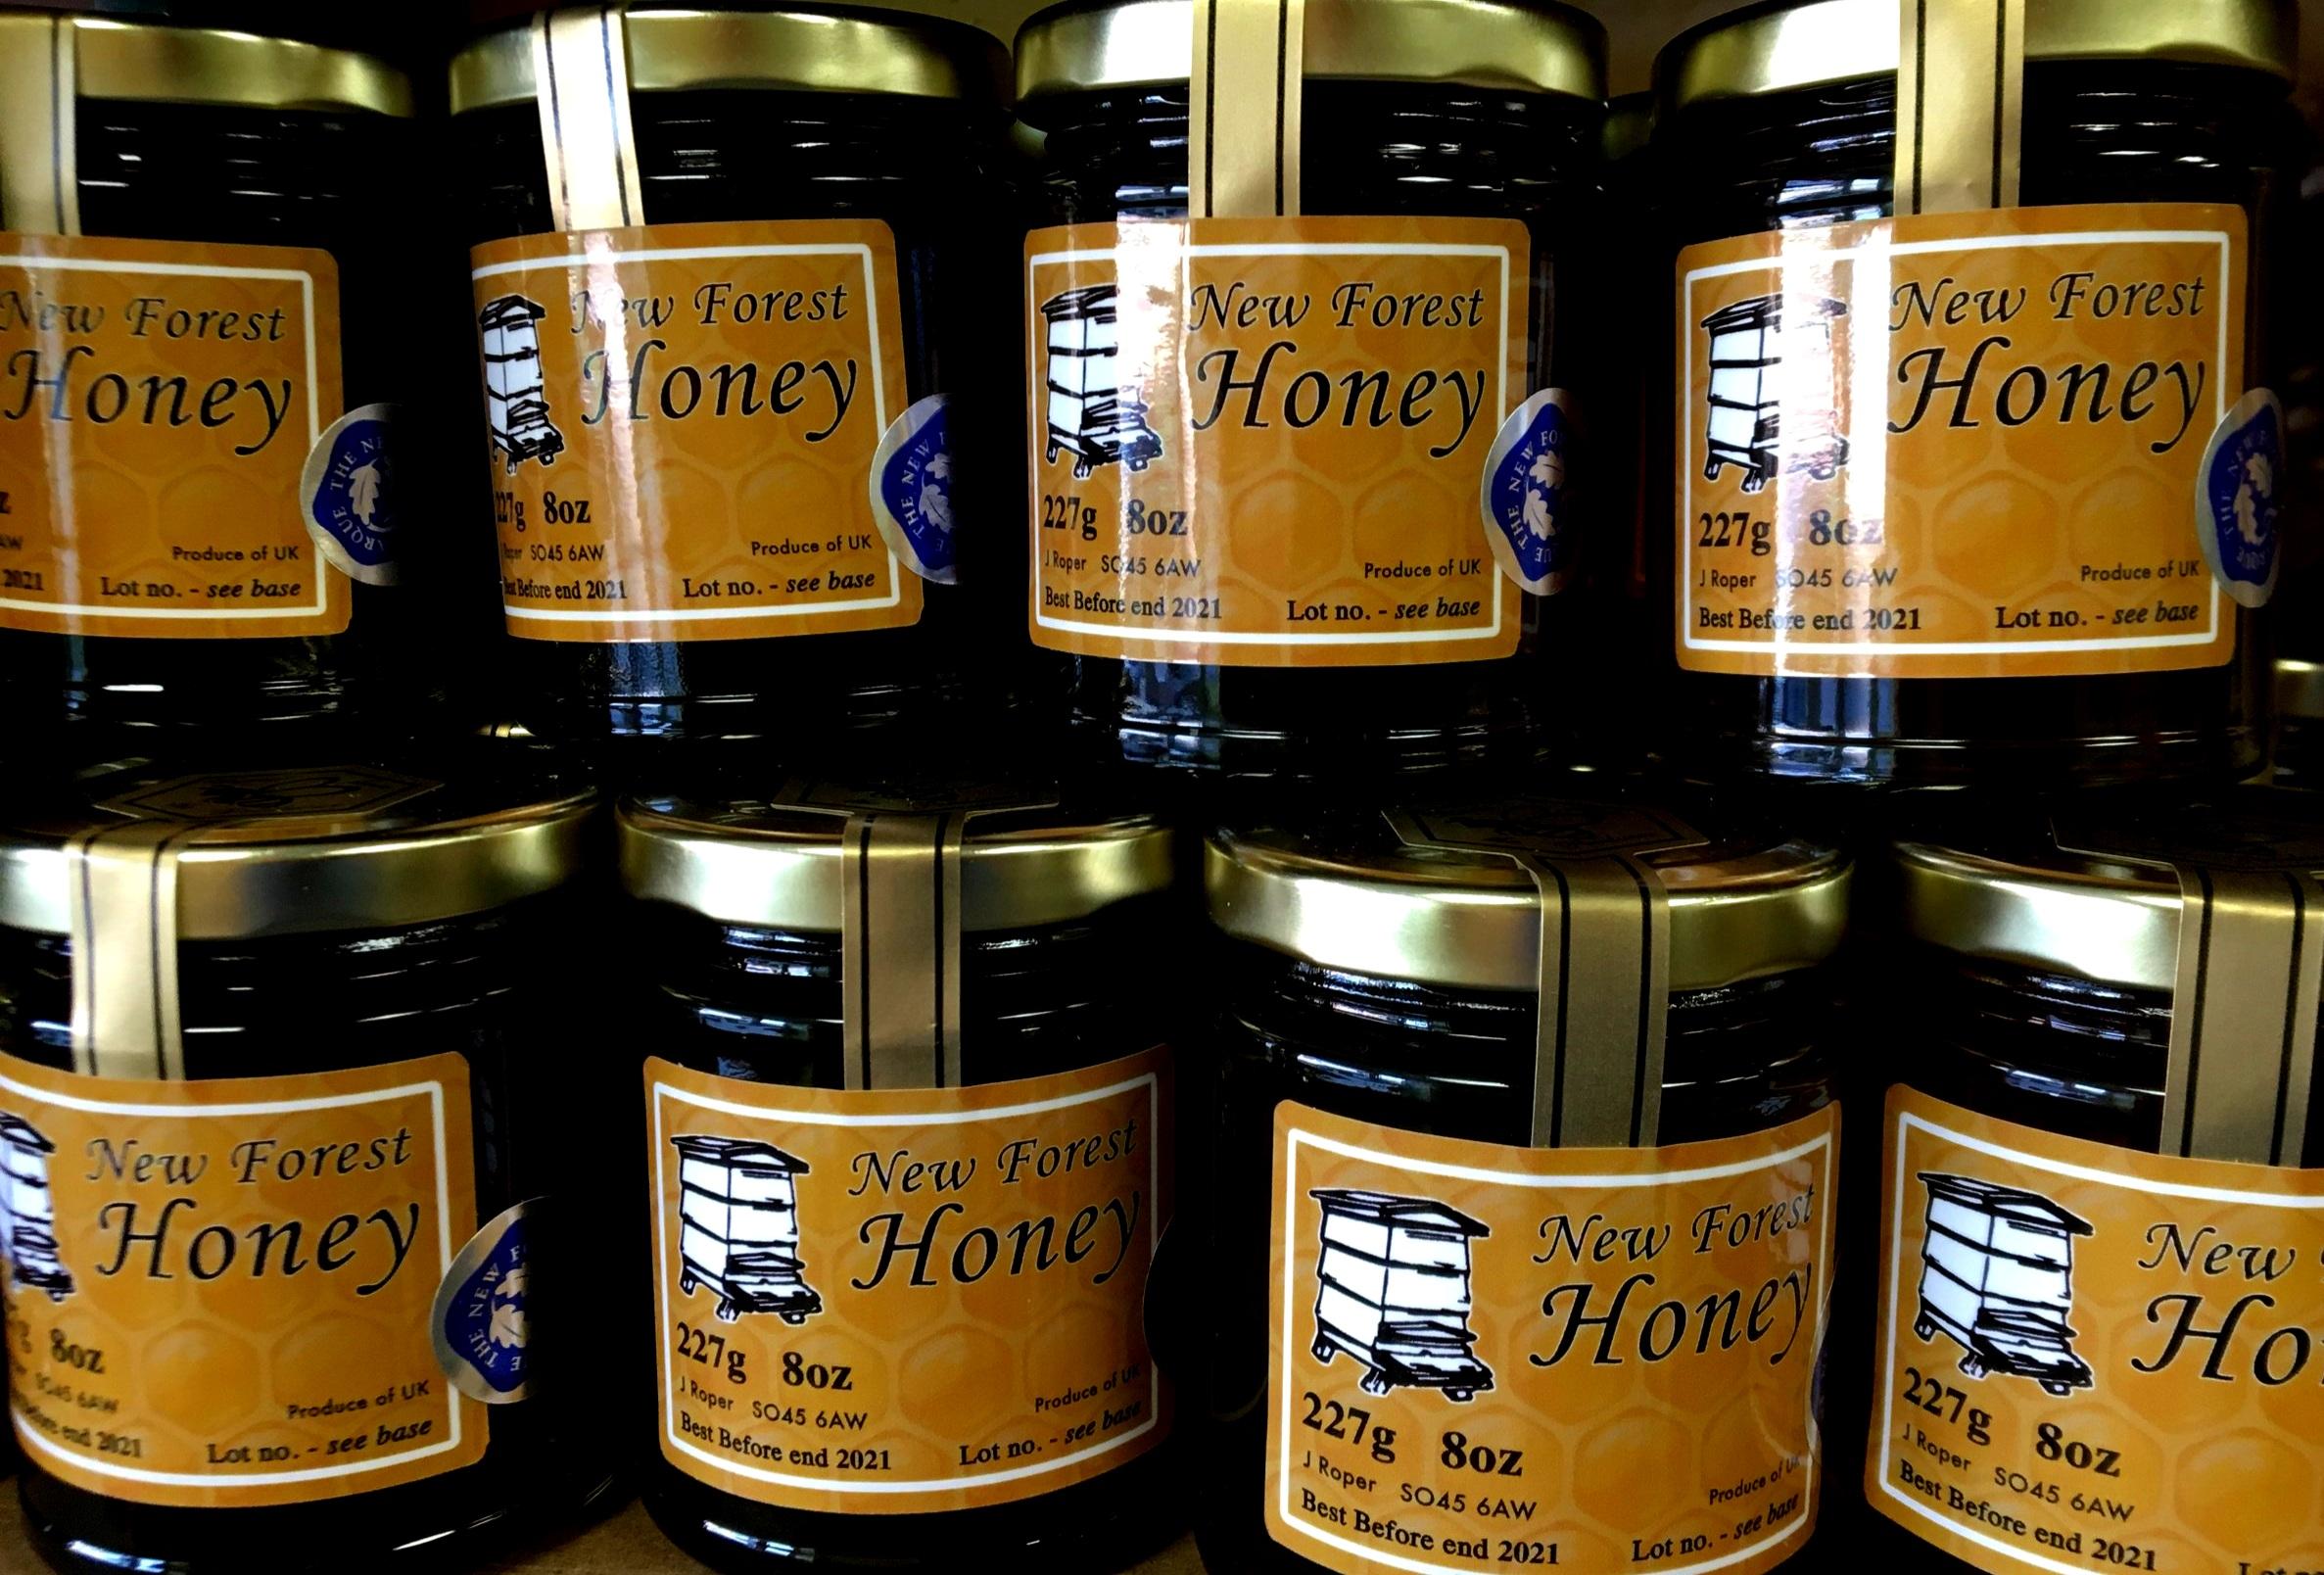 New Forest Honey